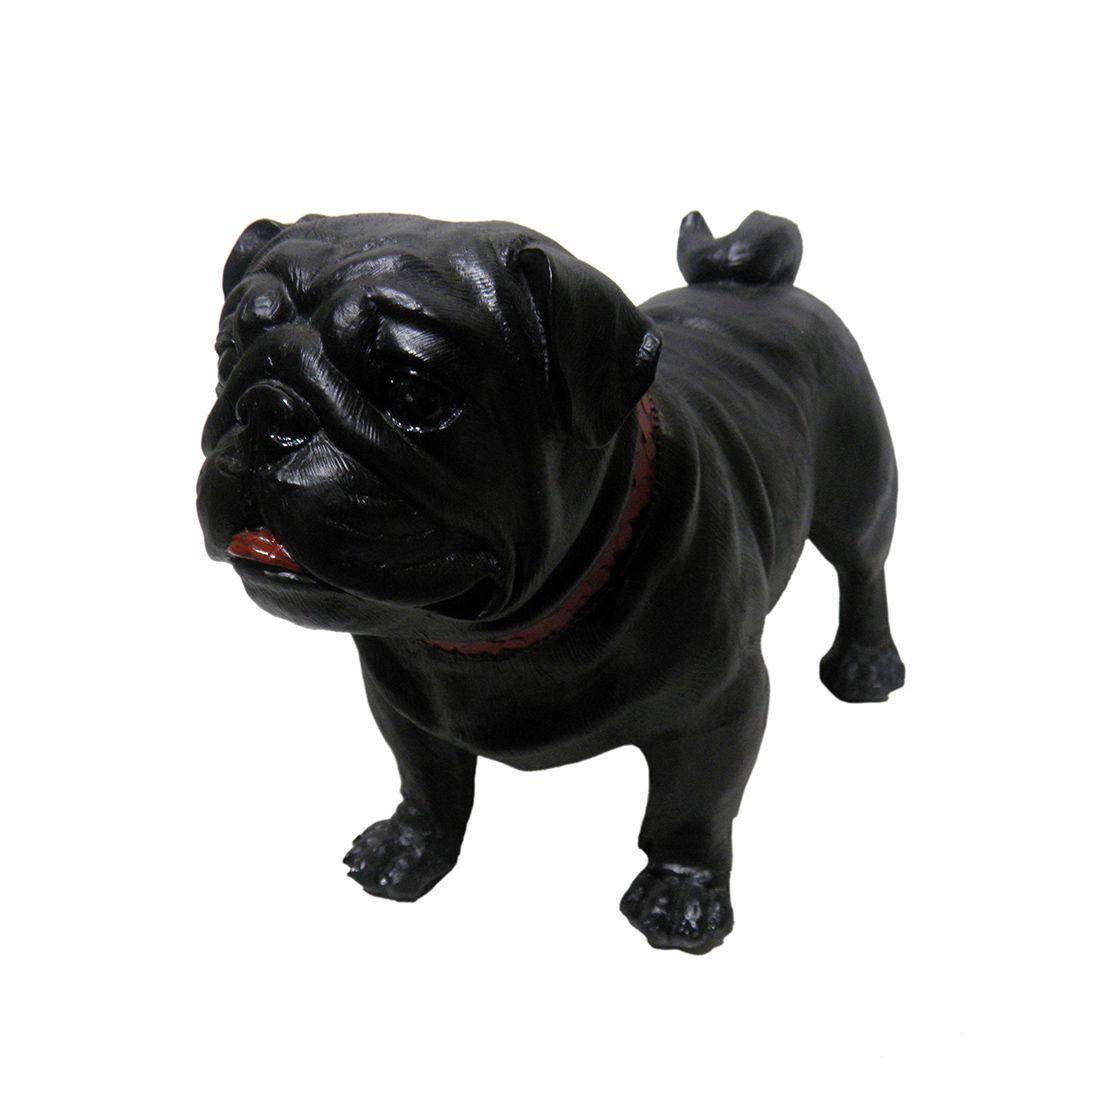 Pug Cachorro Decorativo Decoracao Cao Resina Jardim Casa